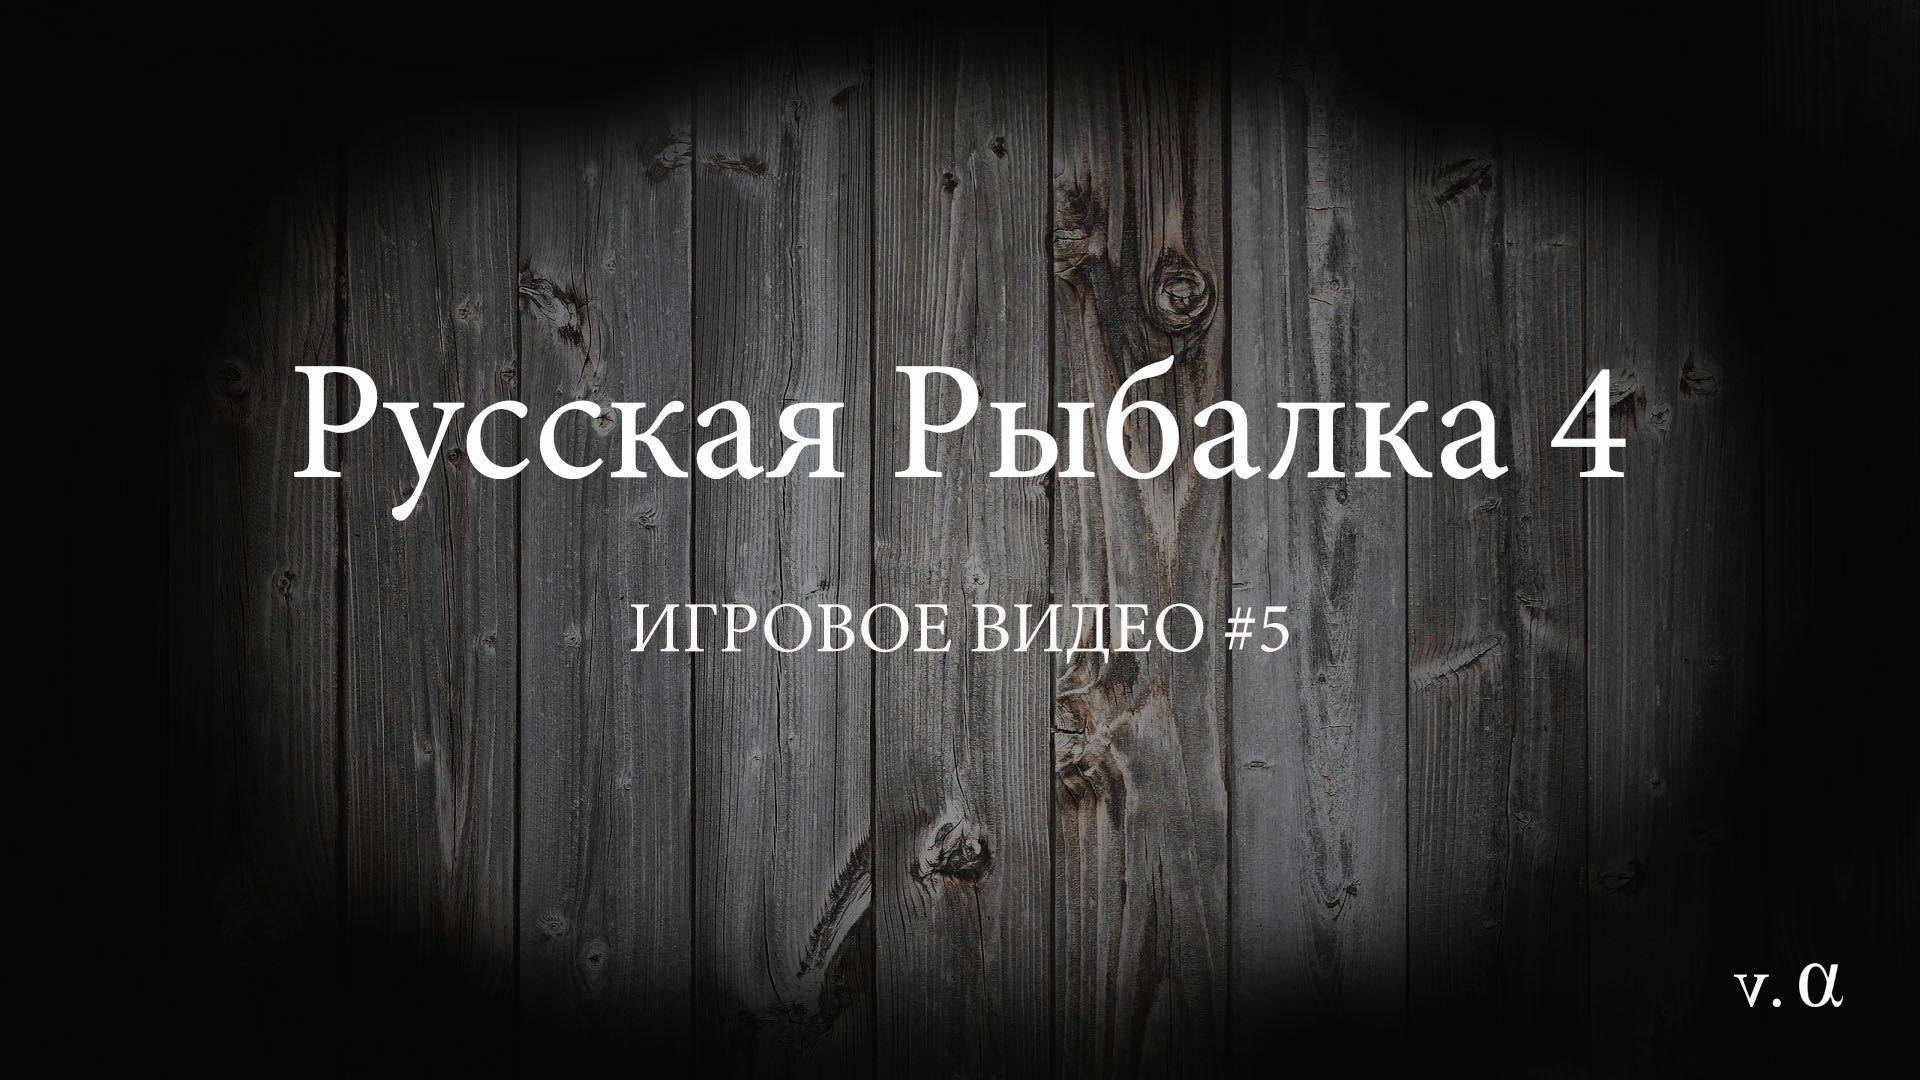 Русская Рыбалка 4. игровое видео # 5